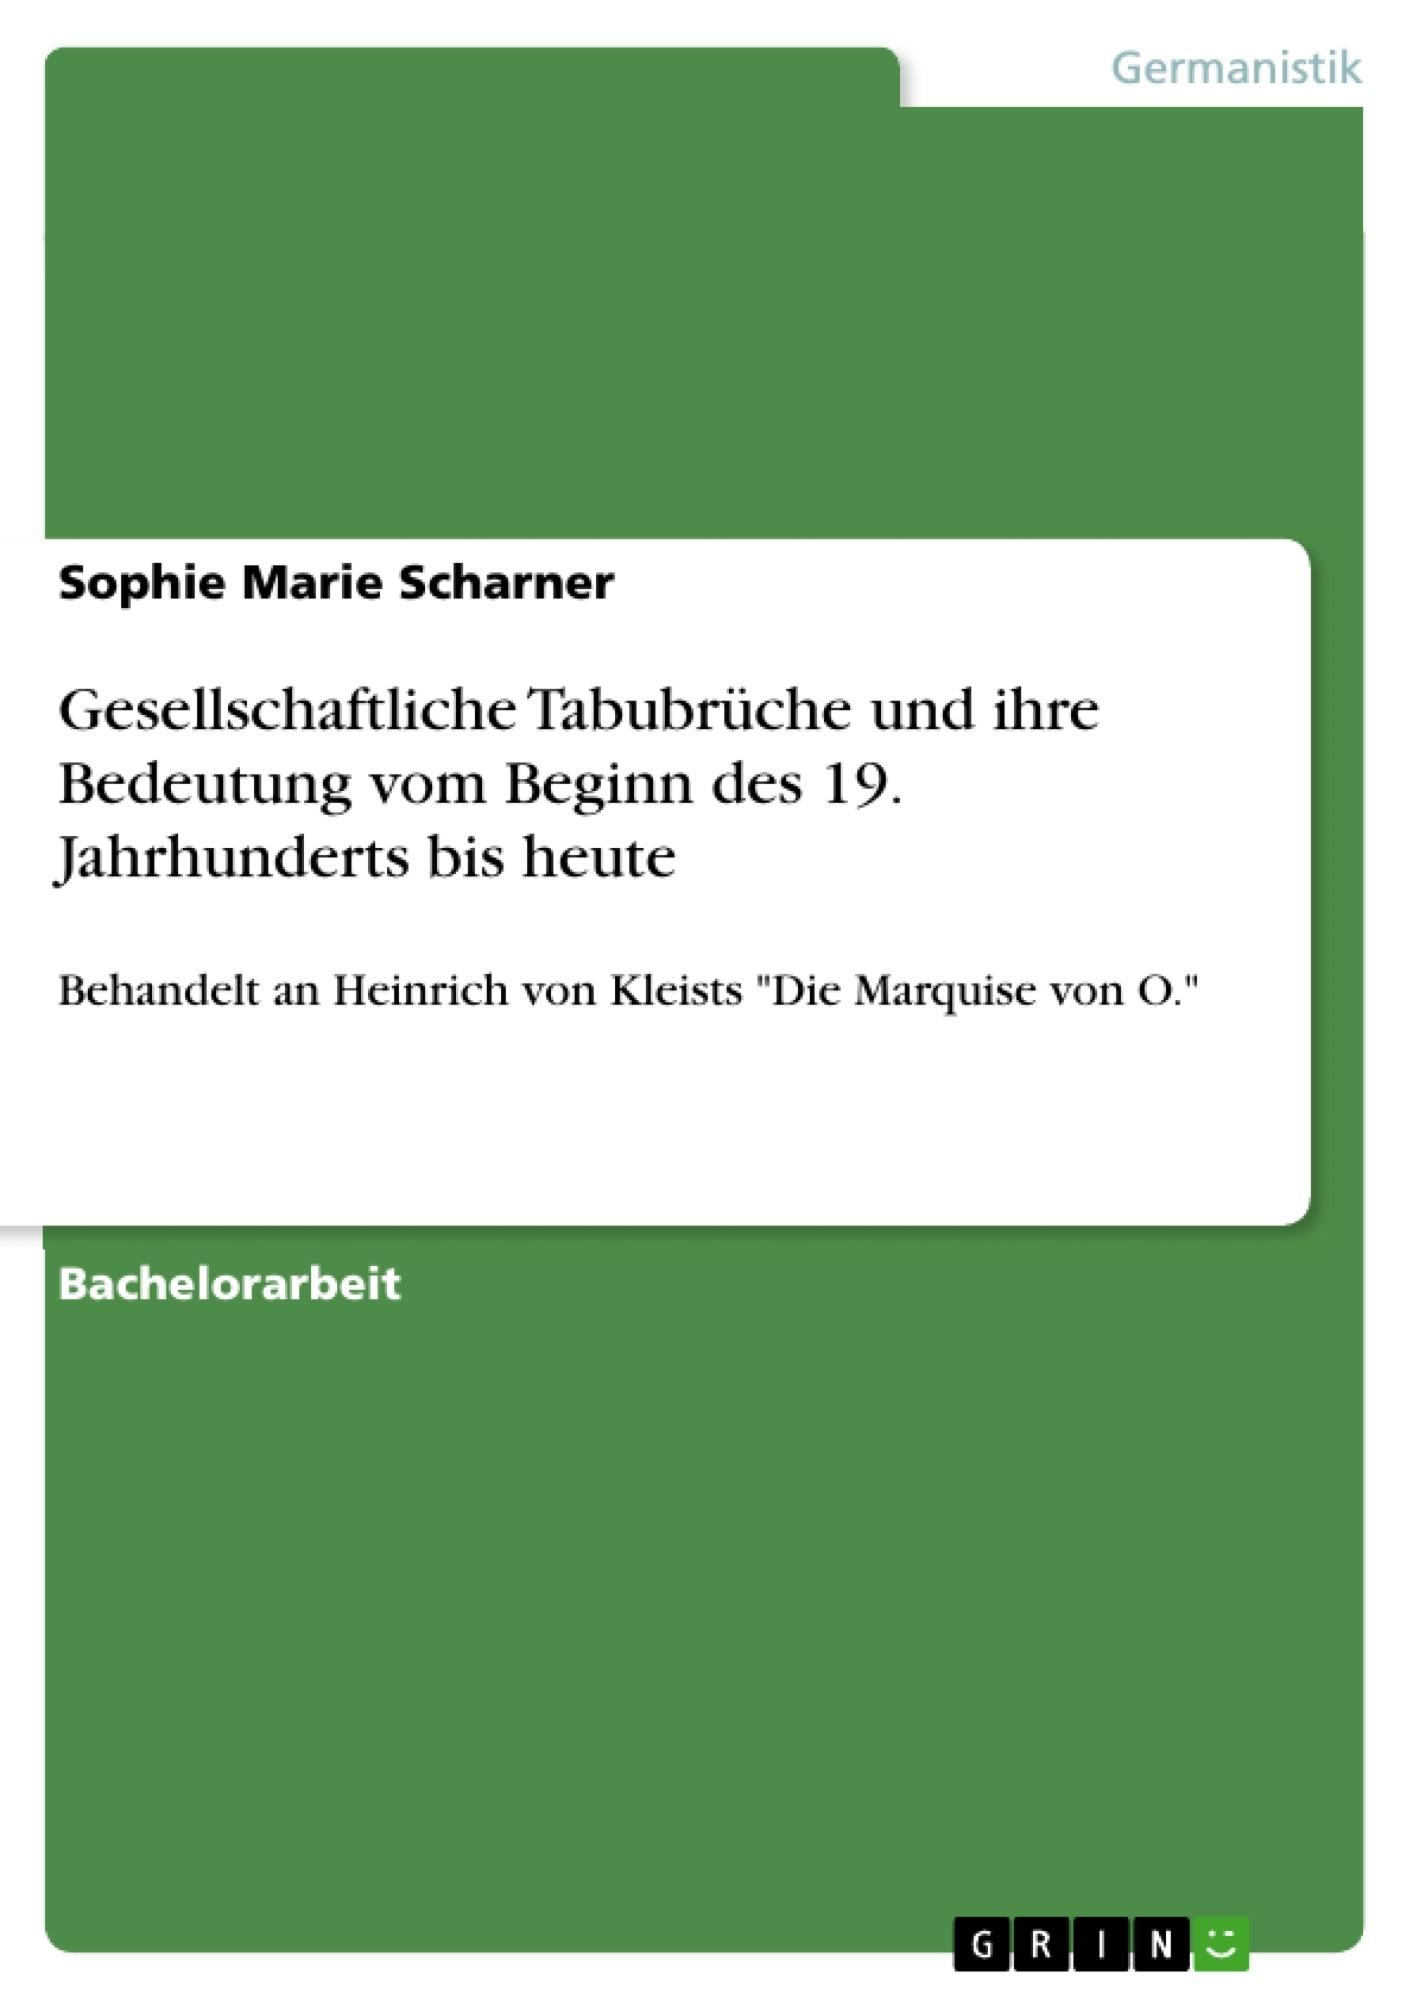 Titel: Gesellschaftliche Tabubrüche und ihre Bedeutung vom Beginn des 19. Jahrhunderts bis heute